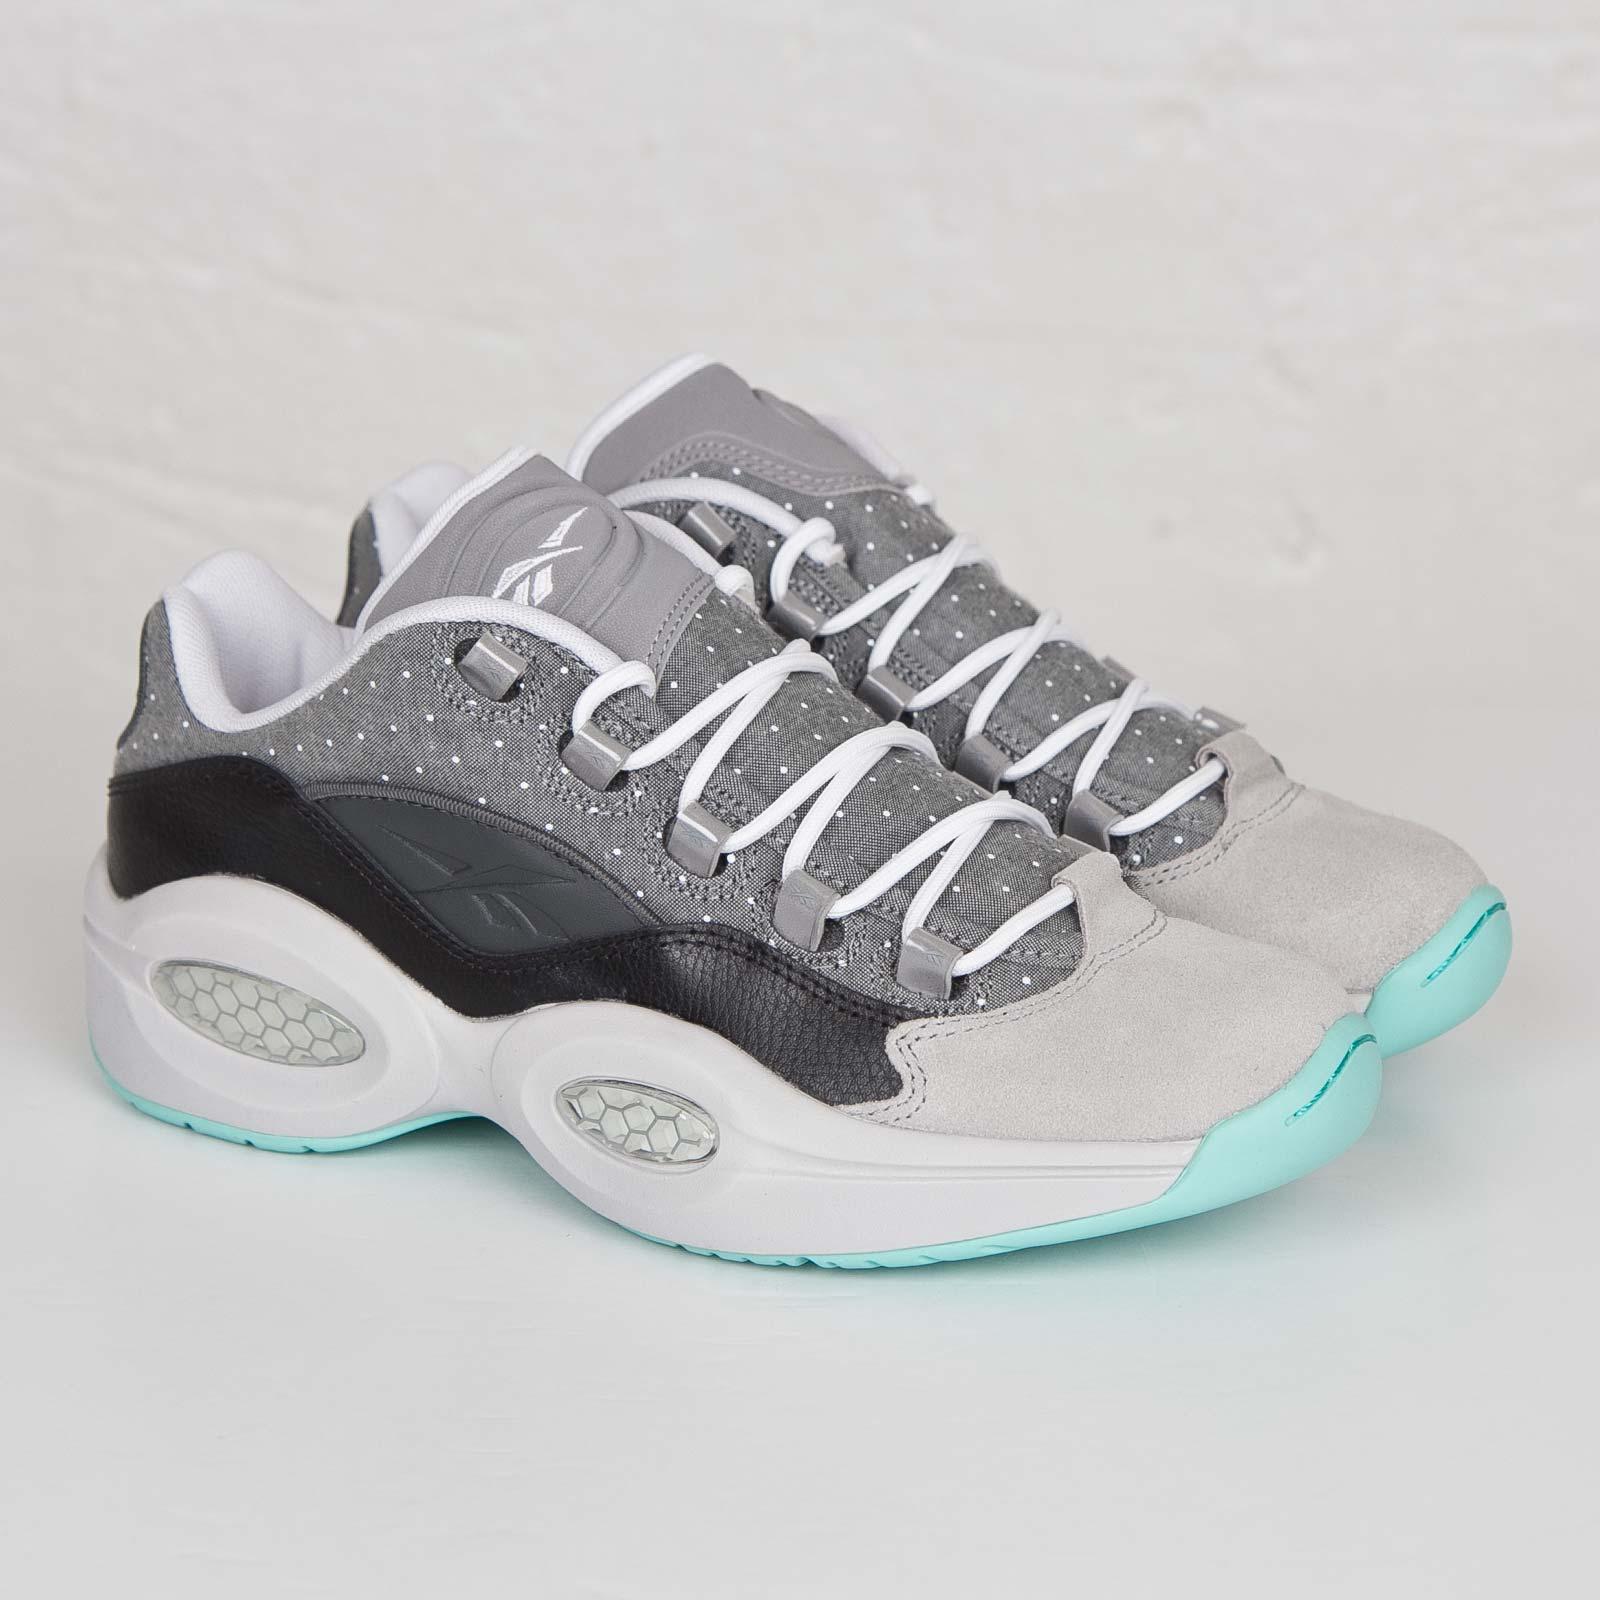 c433e6645aef Reebok Question Low R13 - M49357 - Sneakersnstuff